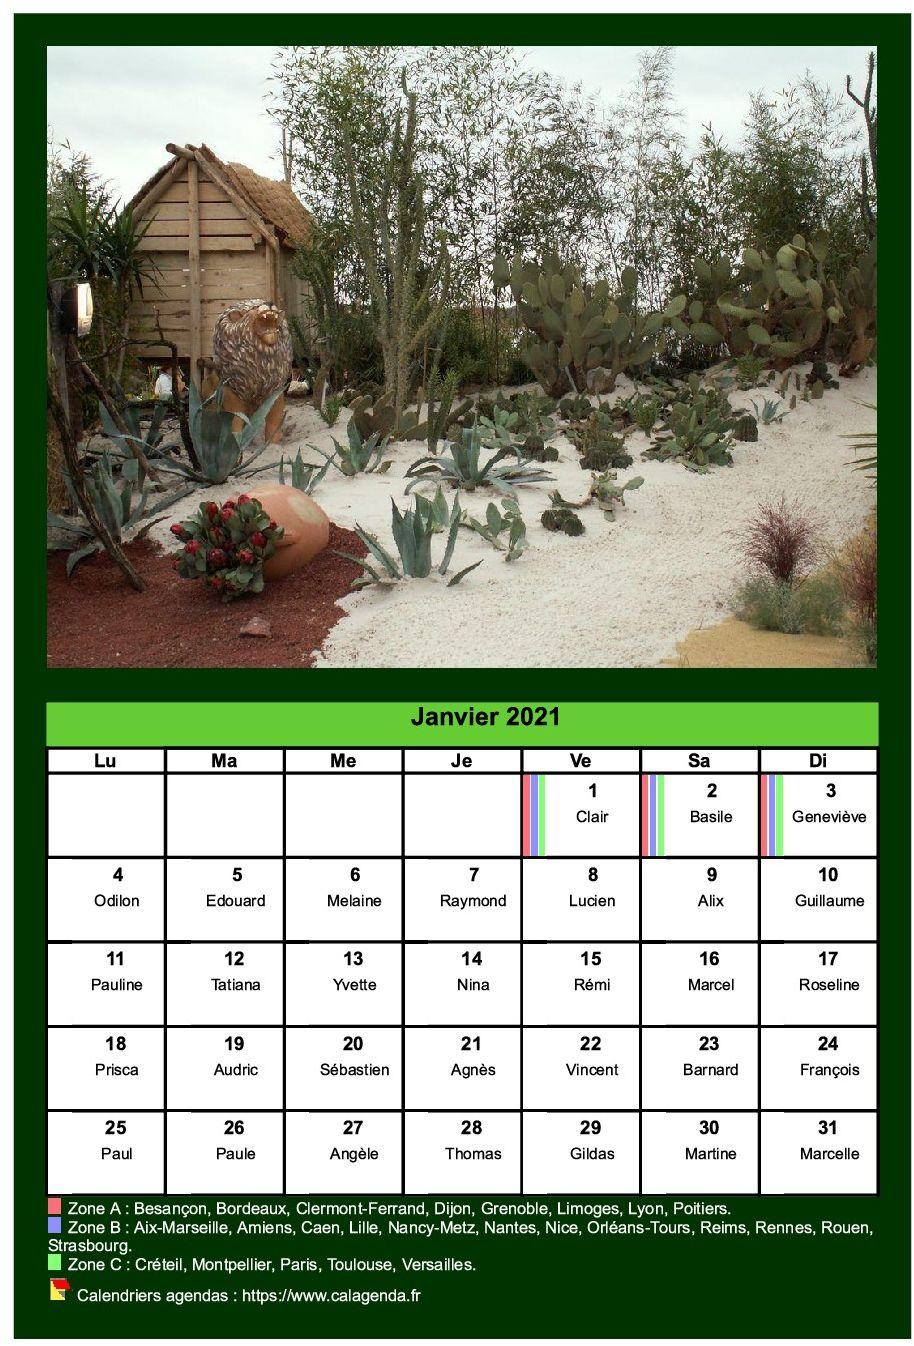 Calendrier mensuel 2021 avec une photo différente chaque mois